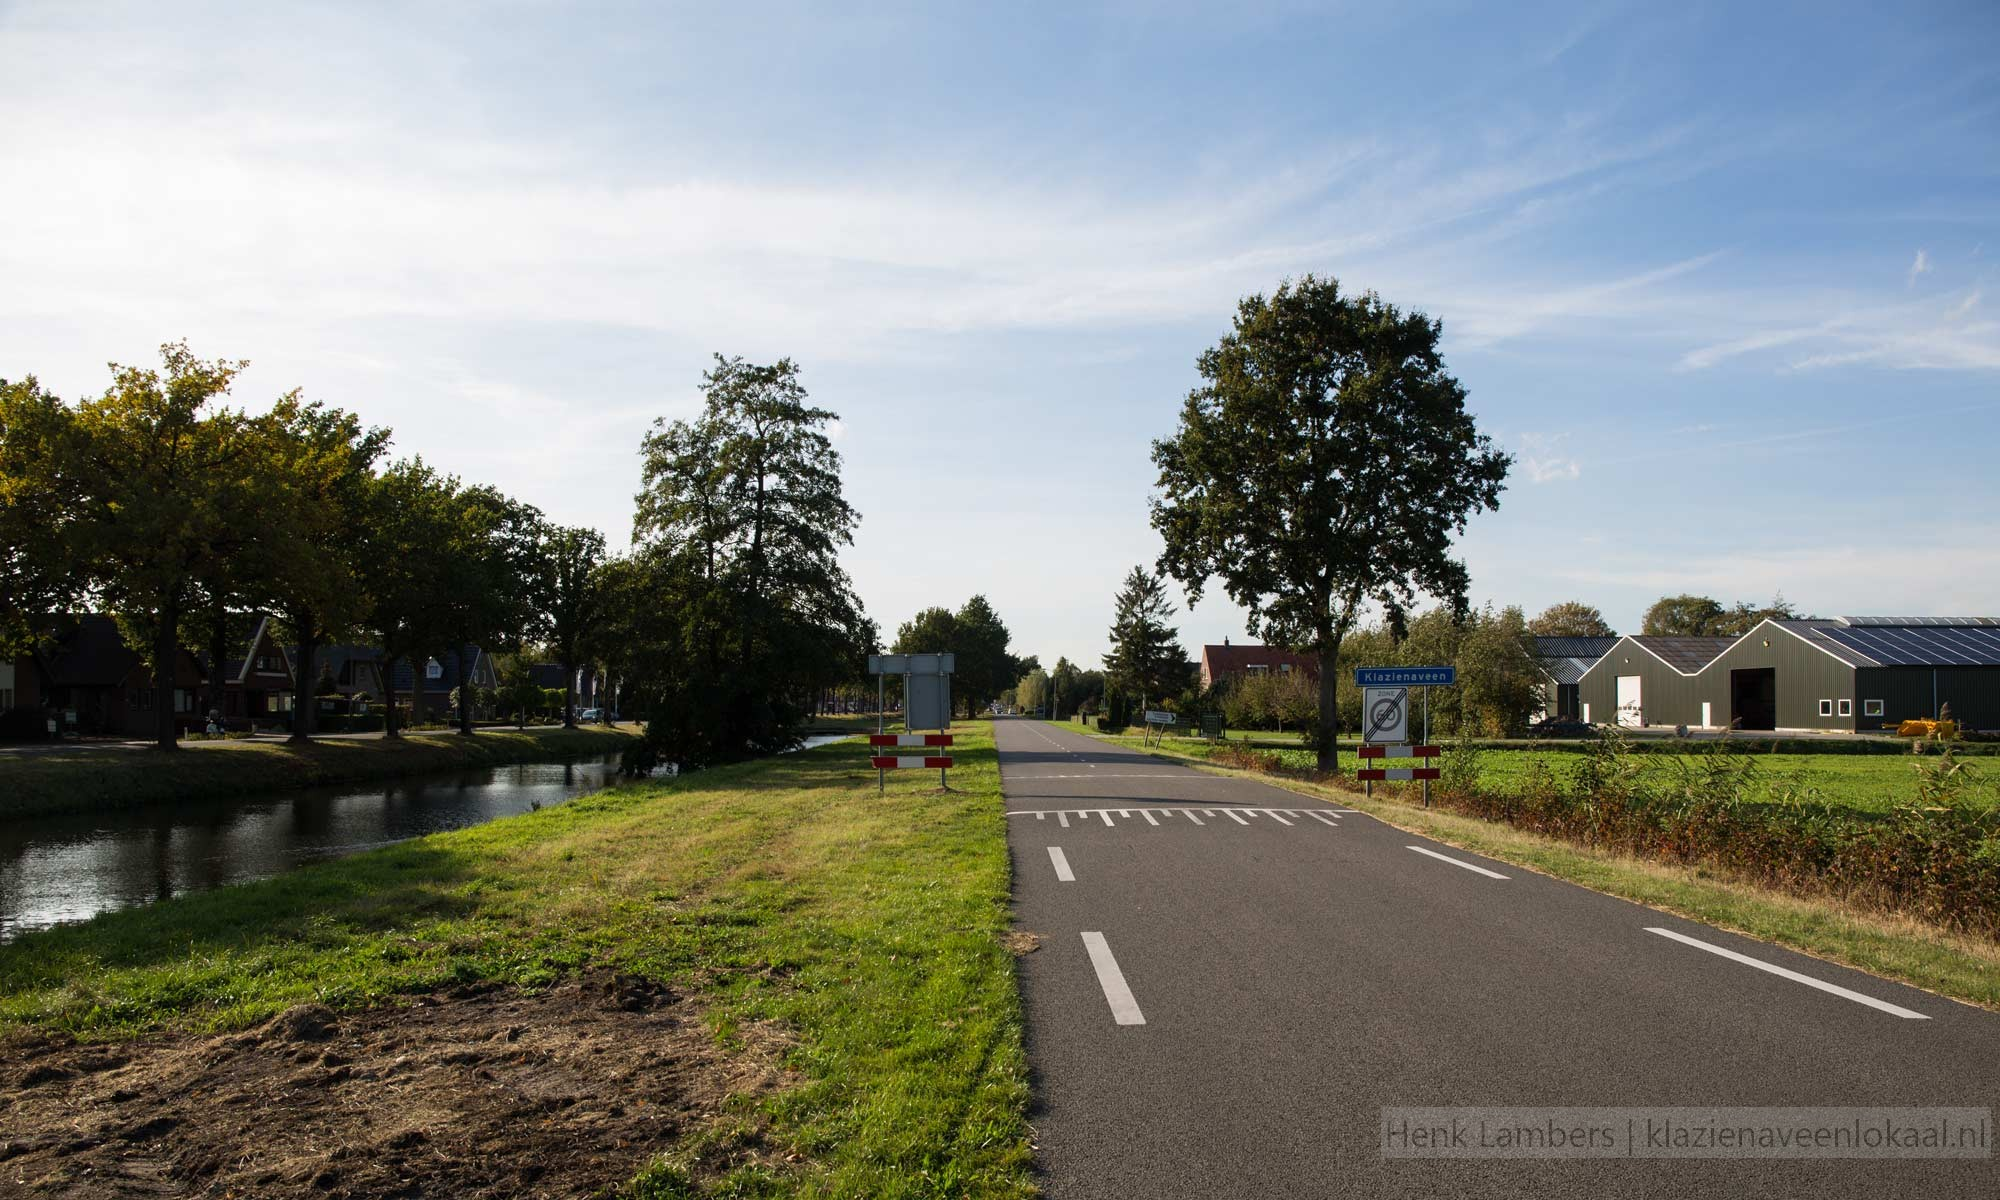 Klazienaveen Lokaal